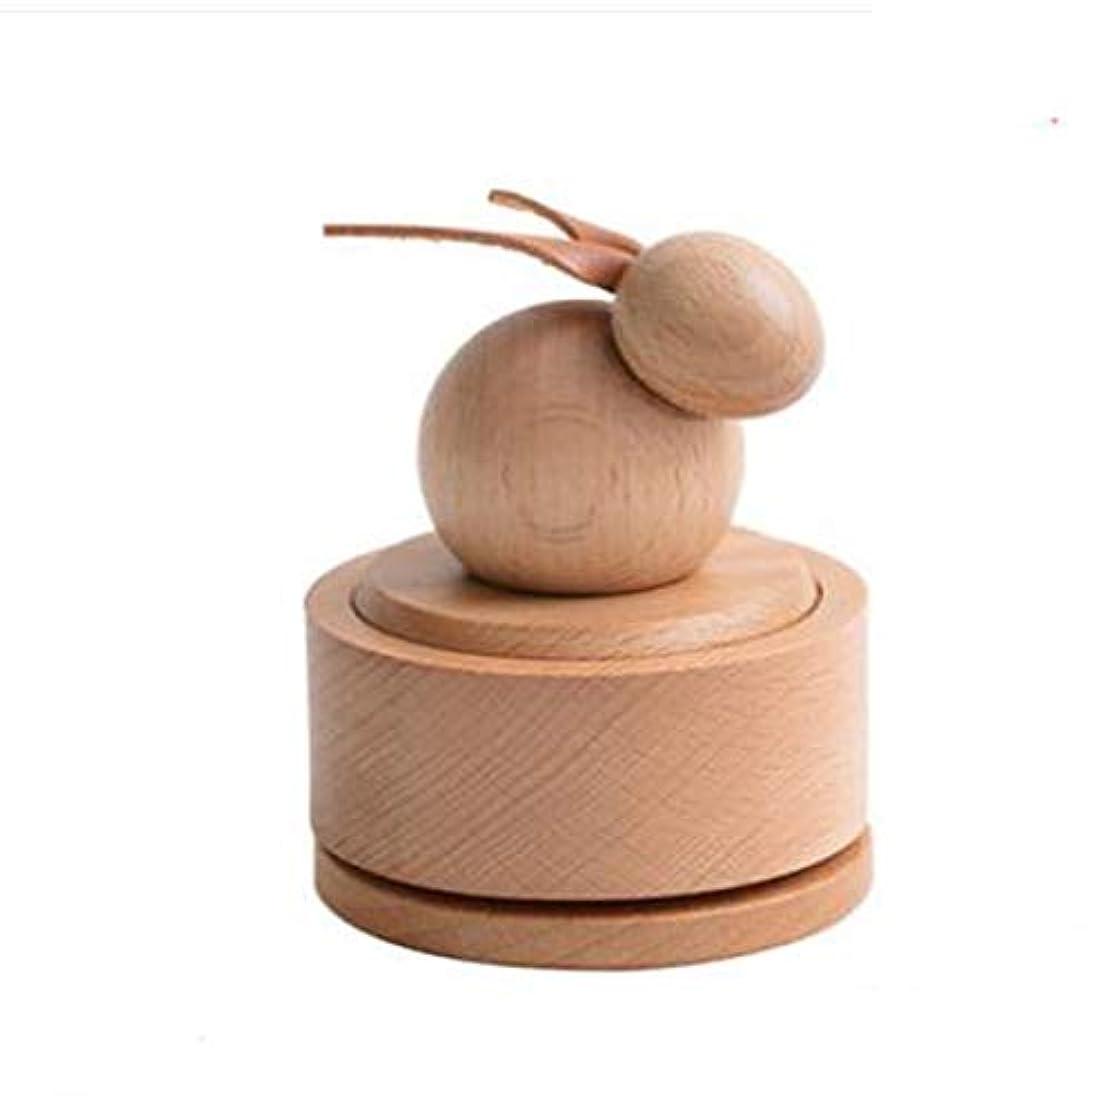 散歩水数学的なKaiyitong01 ギフト豚オルゴールスカイシティオルゴール木製回転クリエイティブ送信女の子カップル誕生日ギフト,絶妙なファッション (Style : Rabbit)